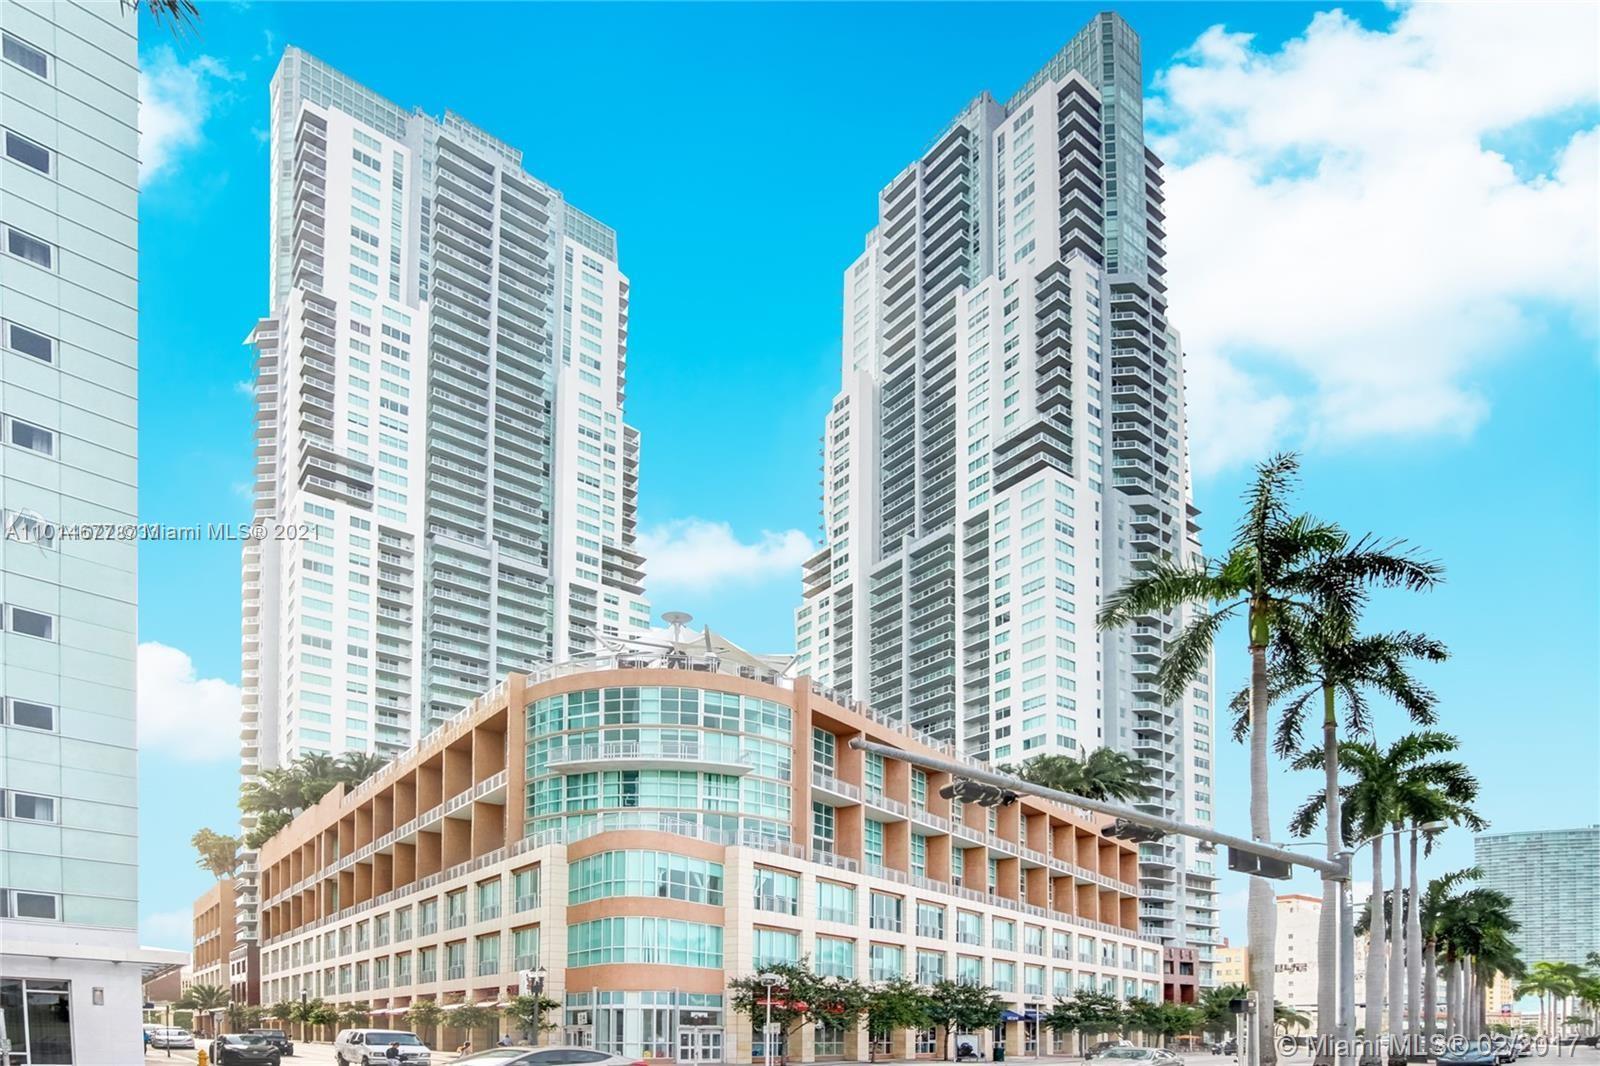 244 Biscayne Blvd 2109, Miami, FL 33132